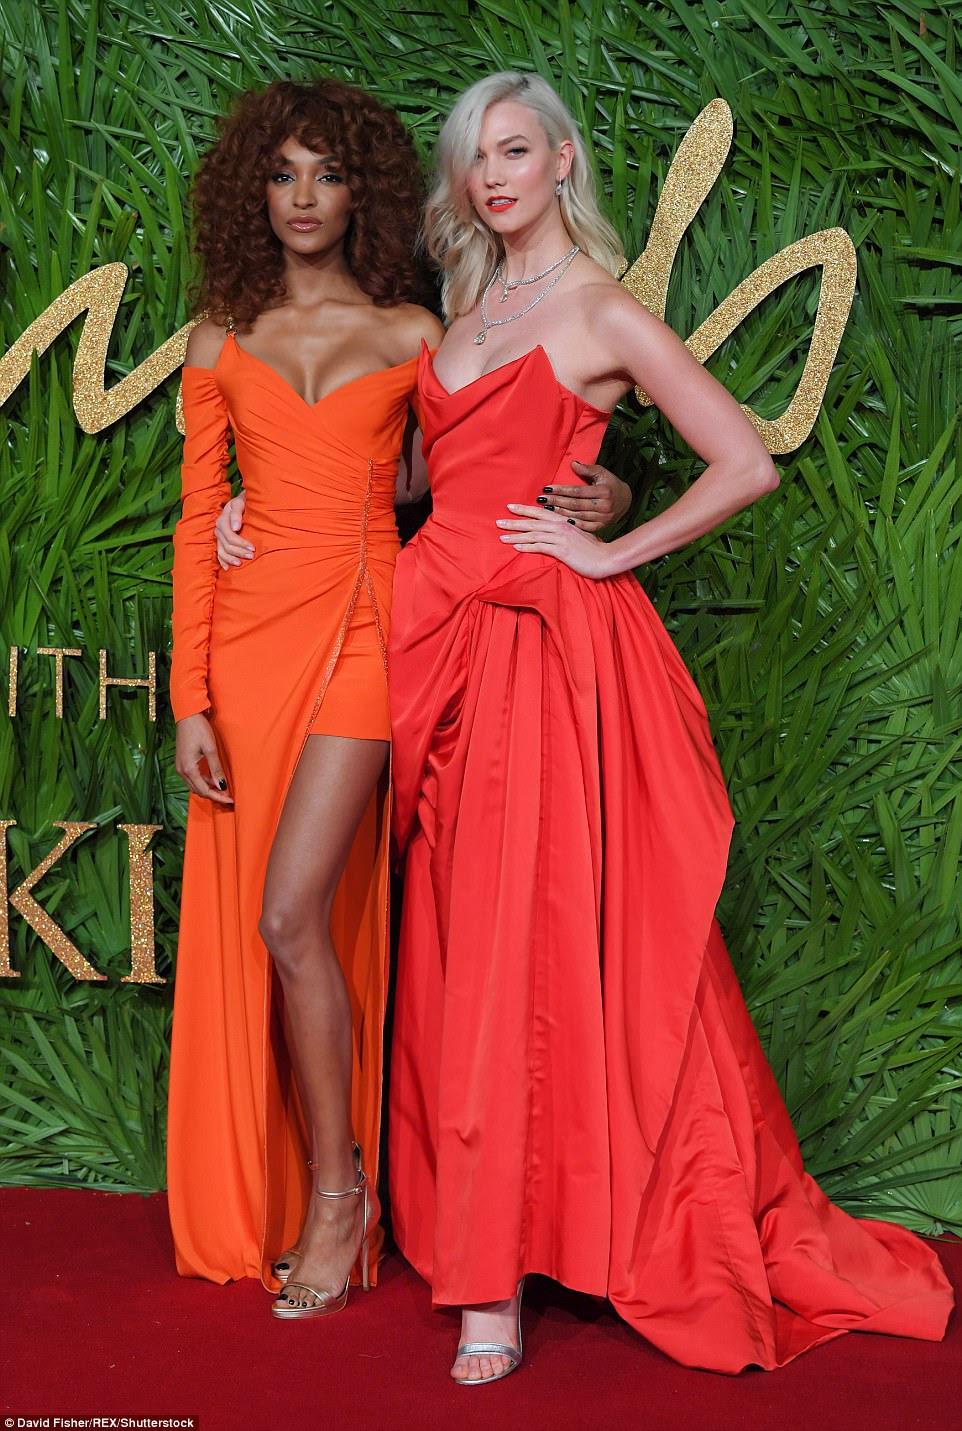 Amigos glamourosos: Karlie esfregou os ombros com a bela Jordan Dunn que passou suas pernas infinitas no vestido de fenda da coxa